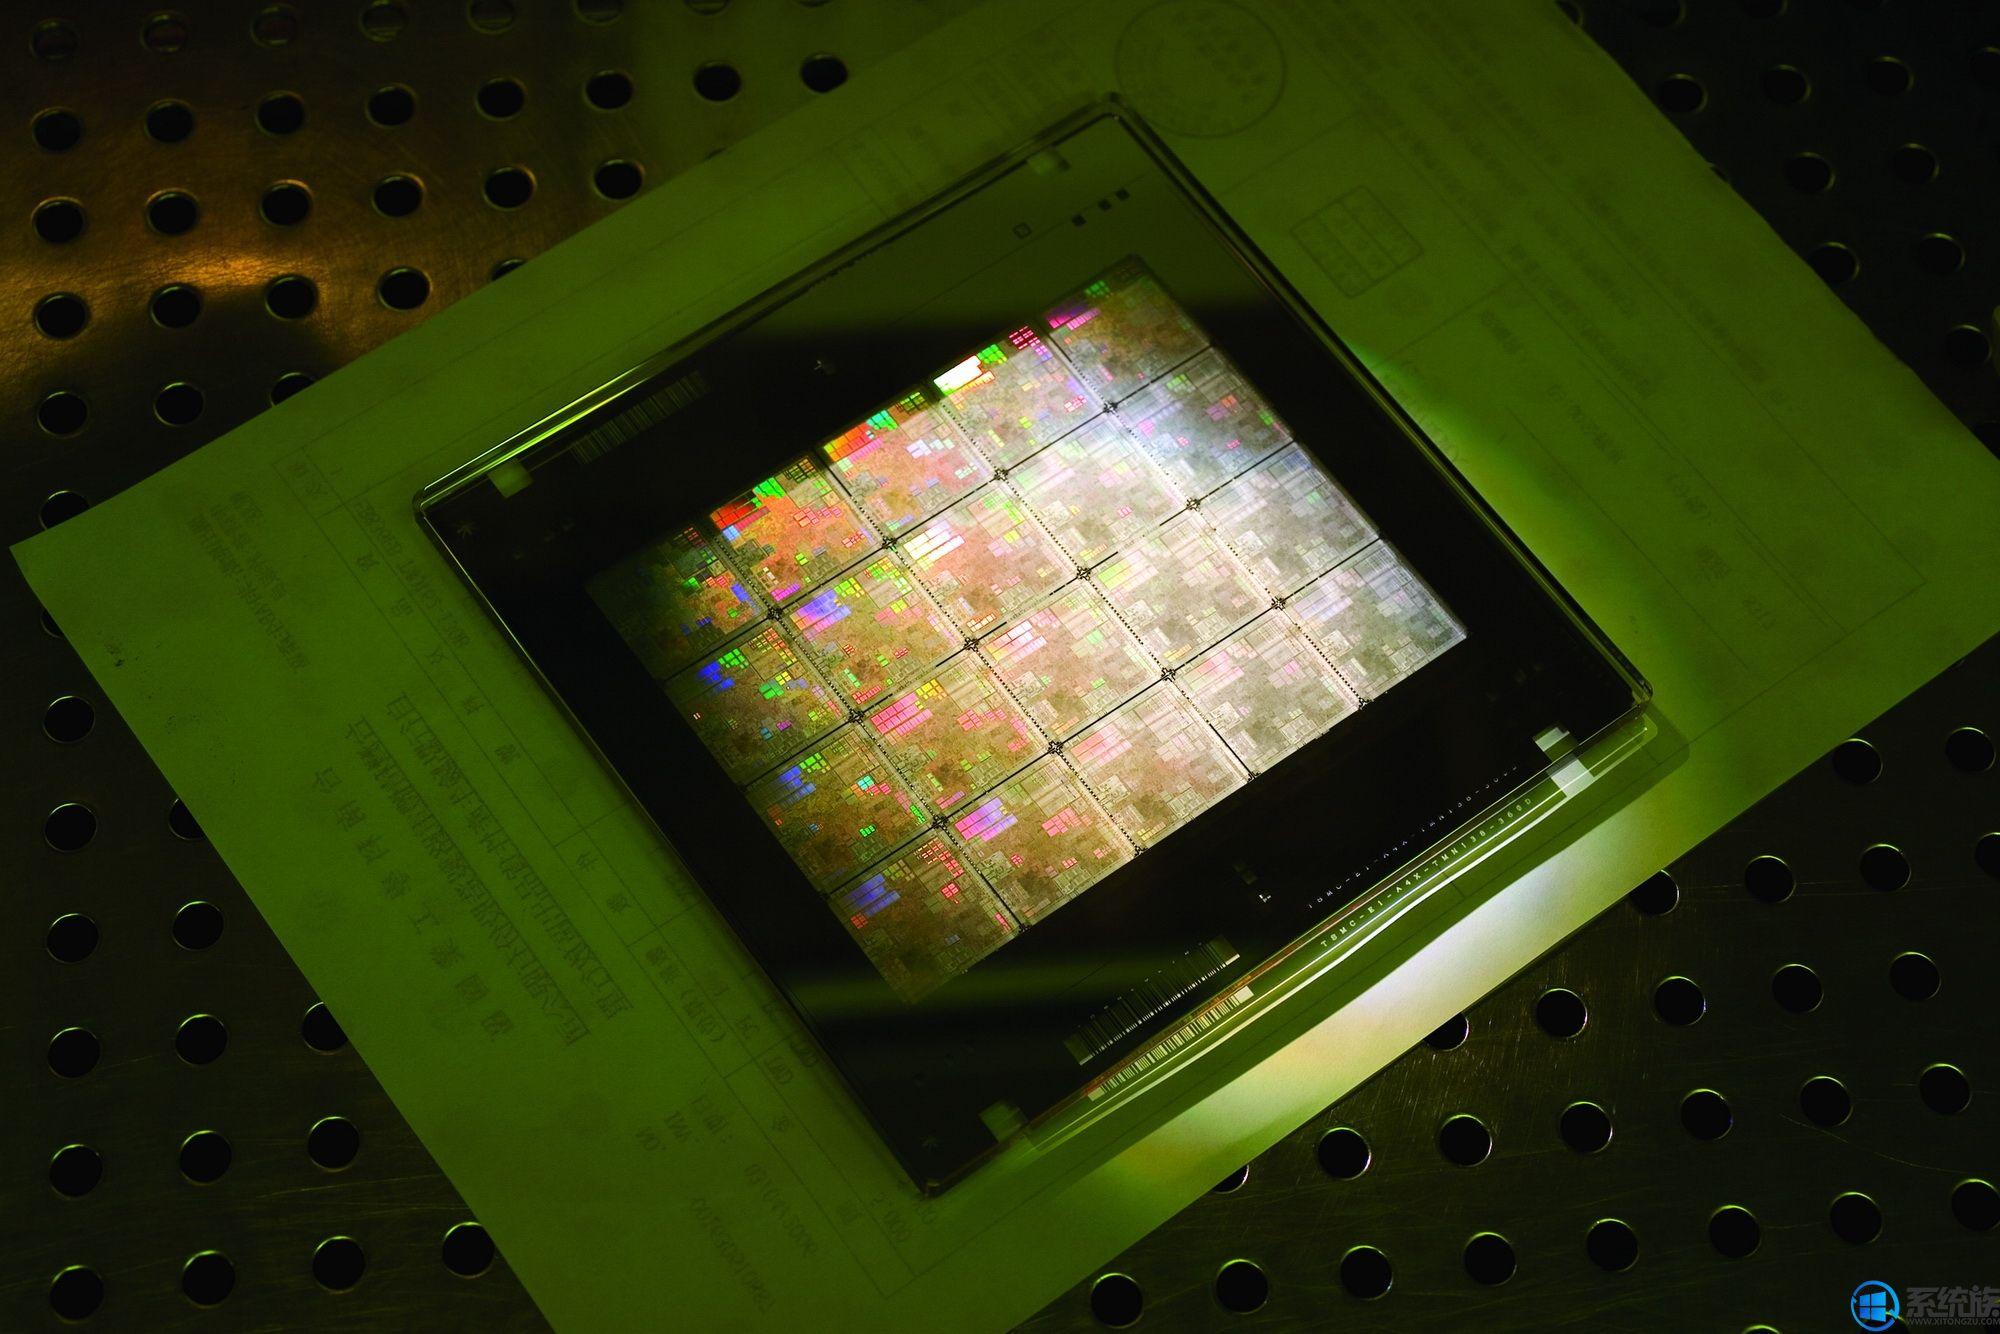 中芯国际表示他们还在研发更低功耗、高性能版本